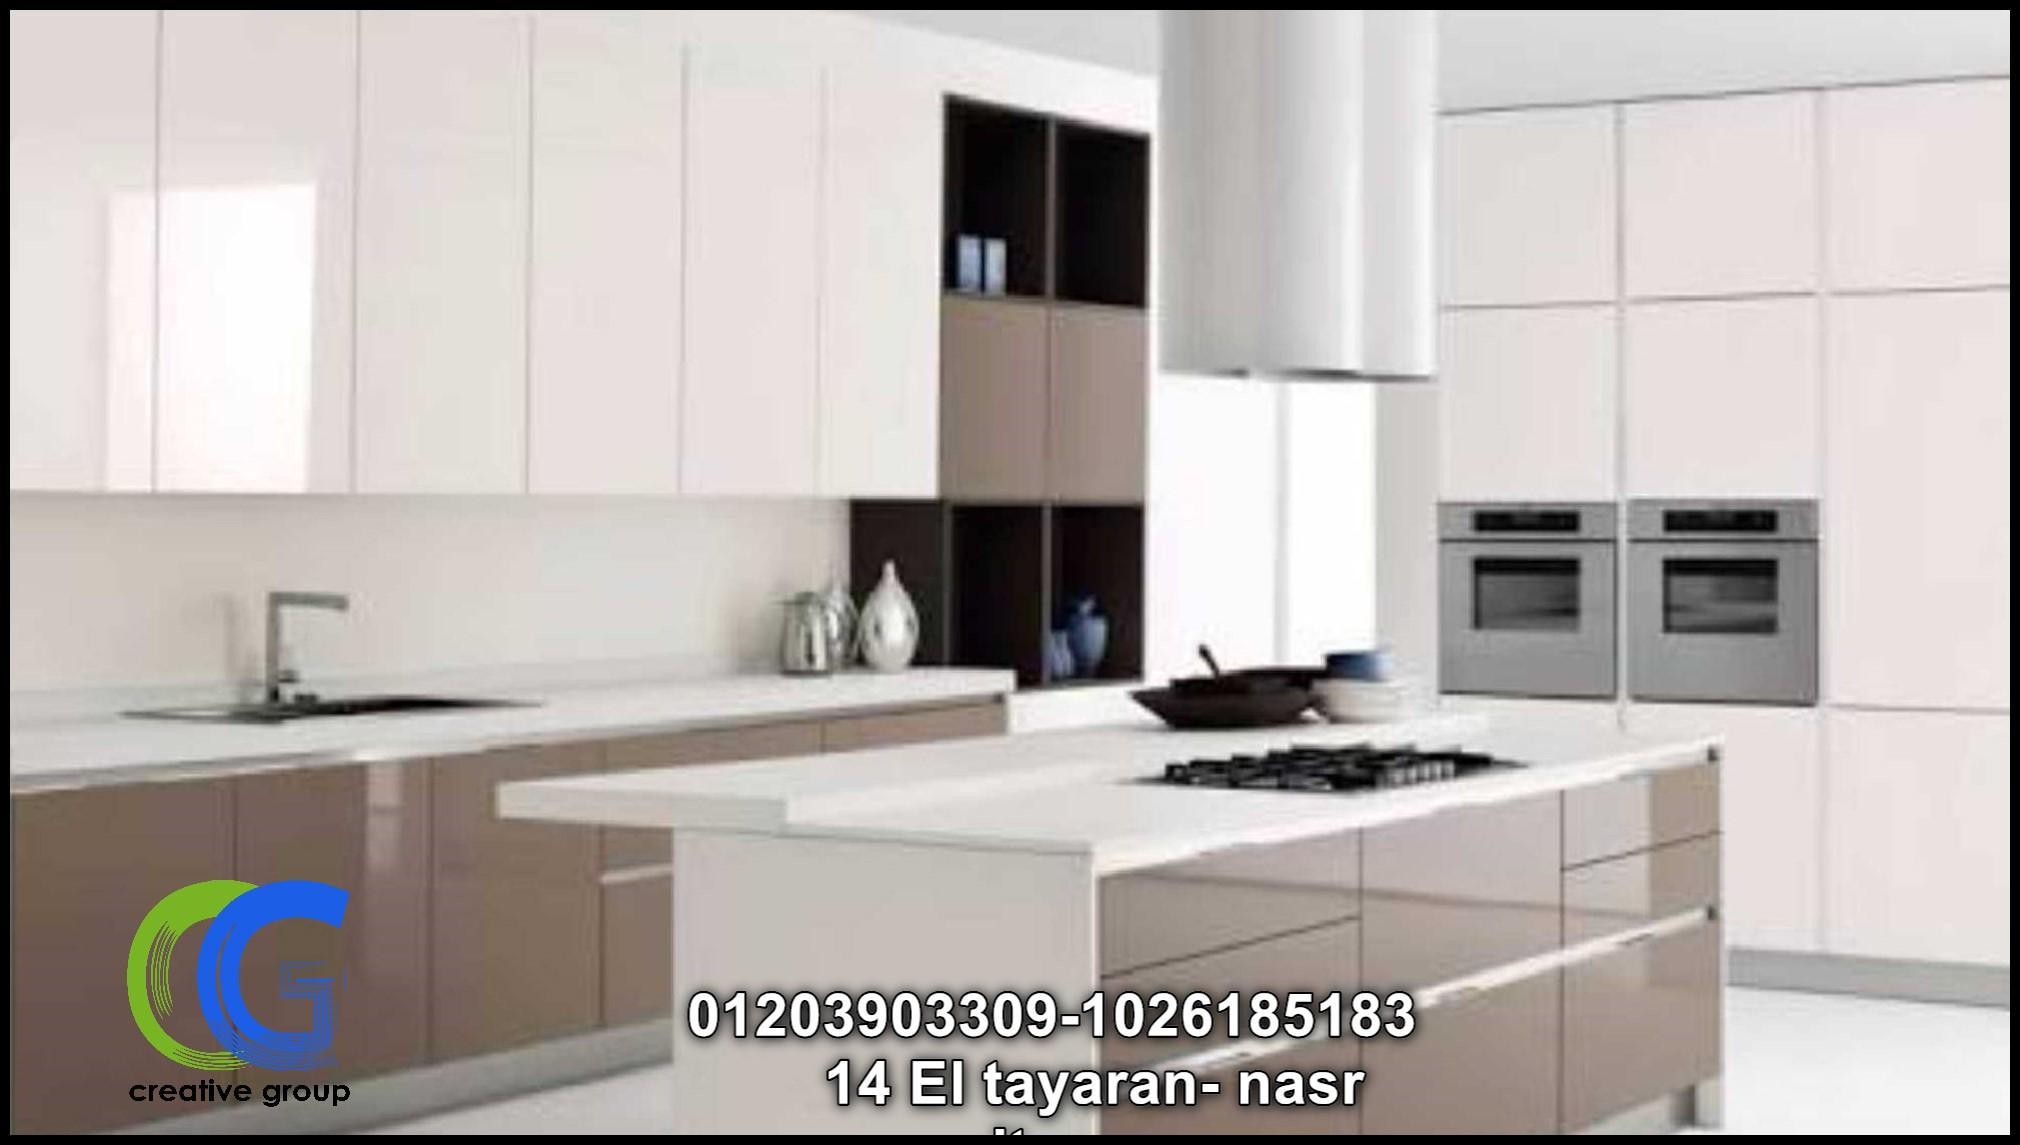 افضل شركة مطابخ – كرياتف جروب للمطابخ  ( للاتصال 01026185183 ) 462645704